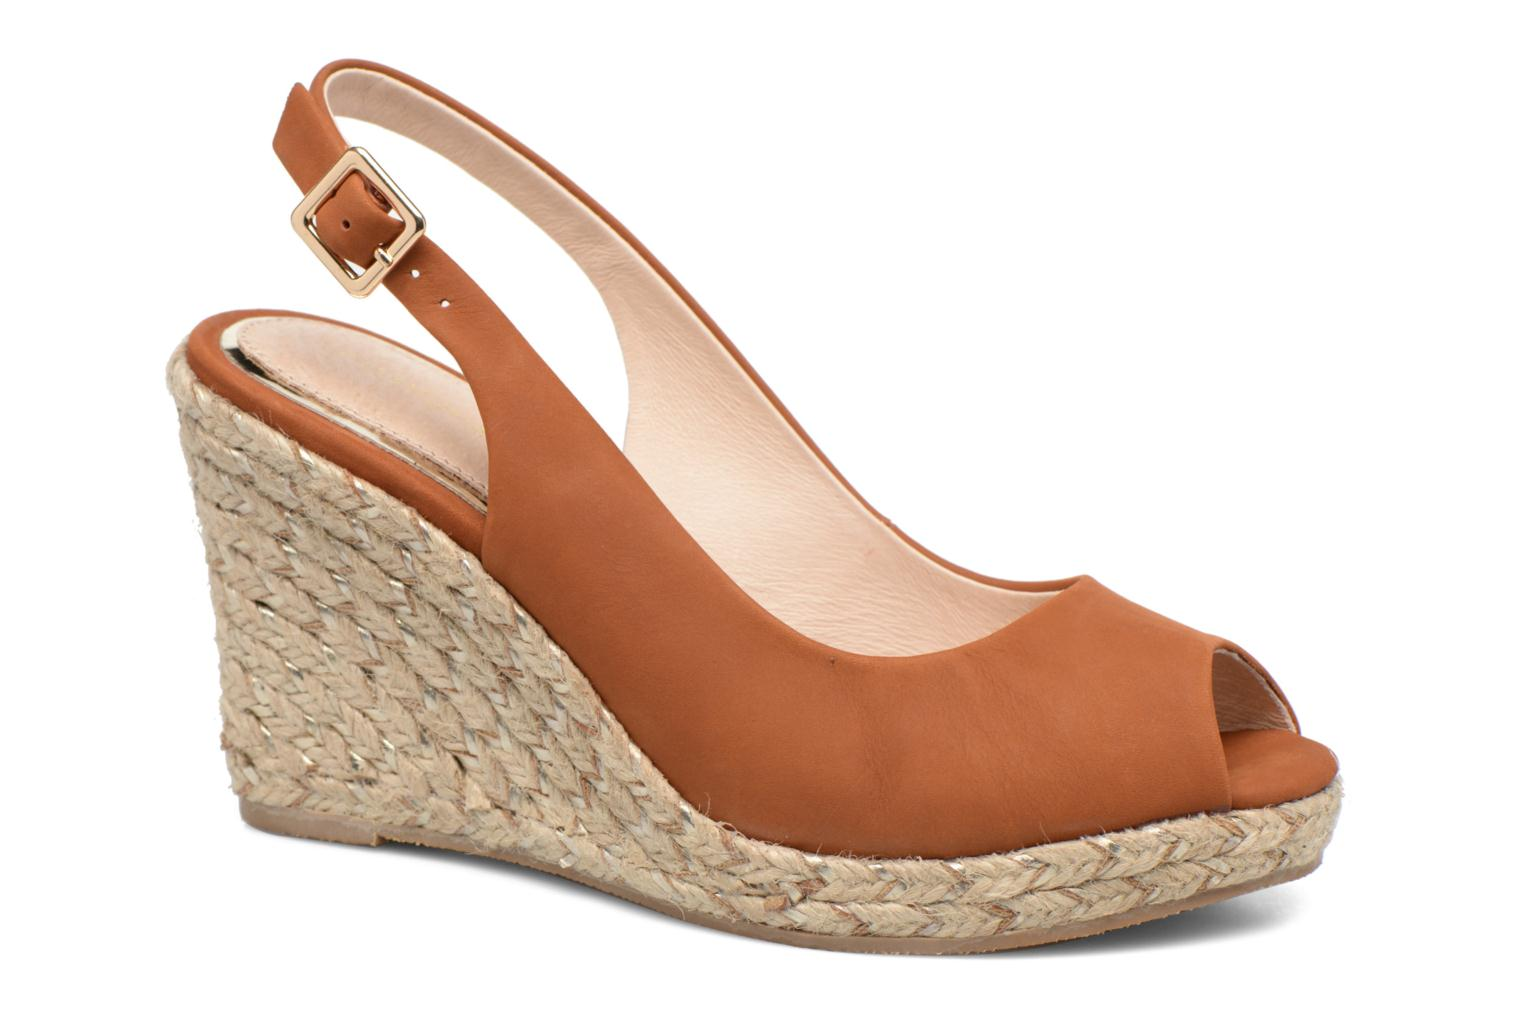 ZapatosCOSMOPARIS Lany (Marrón) - Sandalias   Venta de de liquidación de de temporada d7e4e2